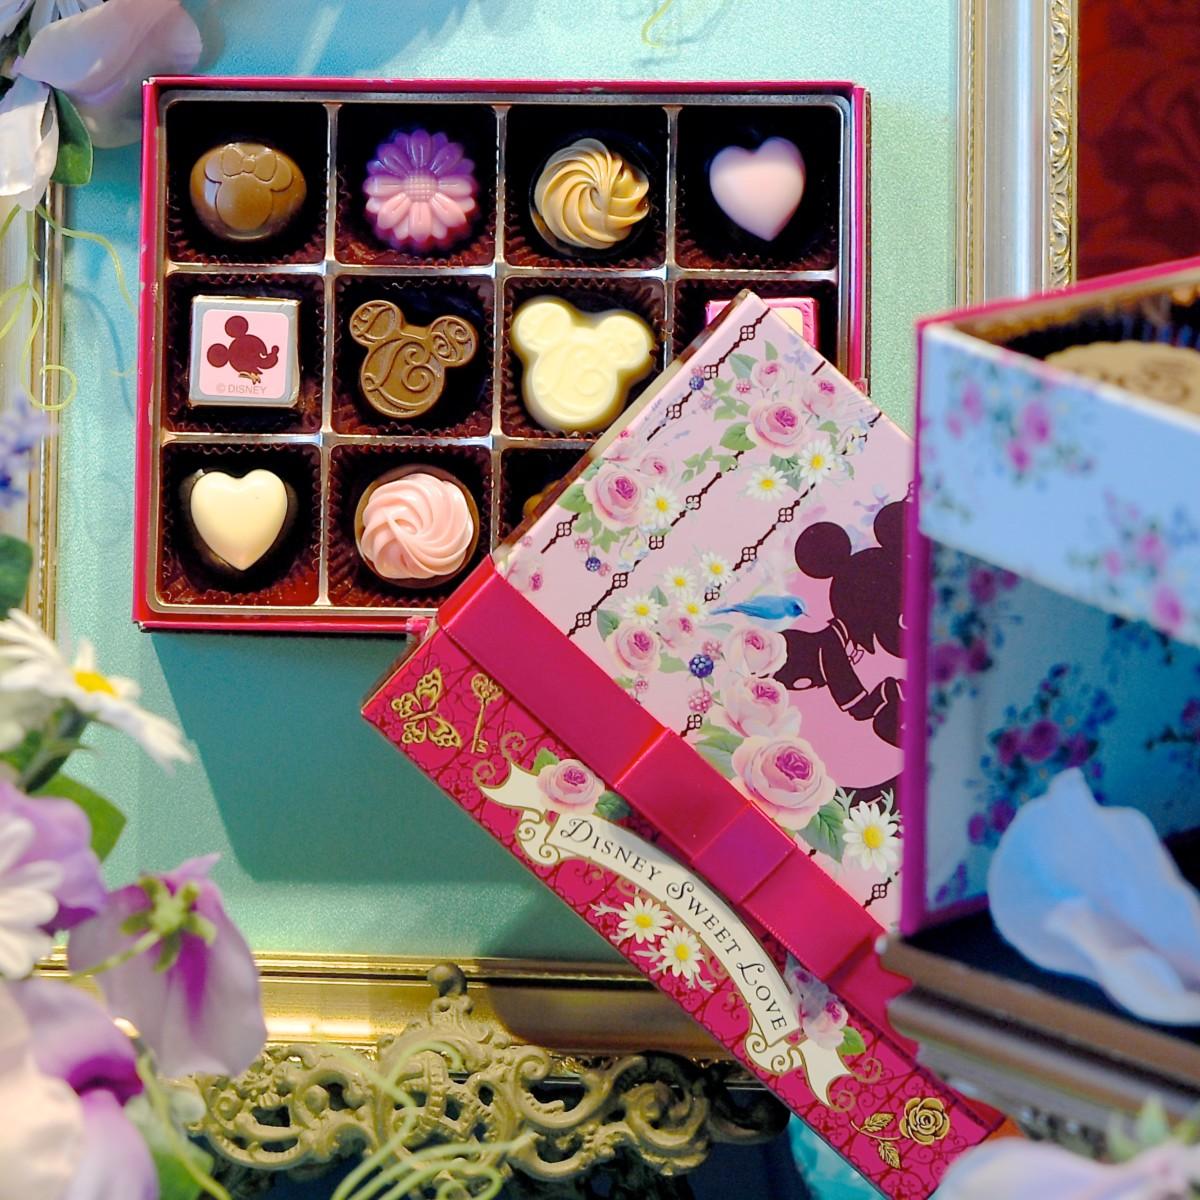 アソーテッド・チョコレート(紙ボックス)